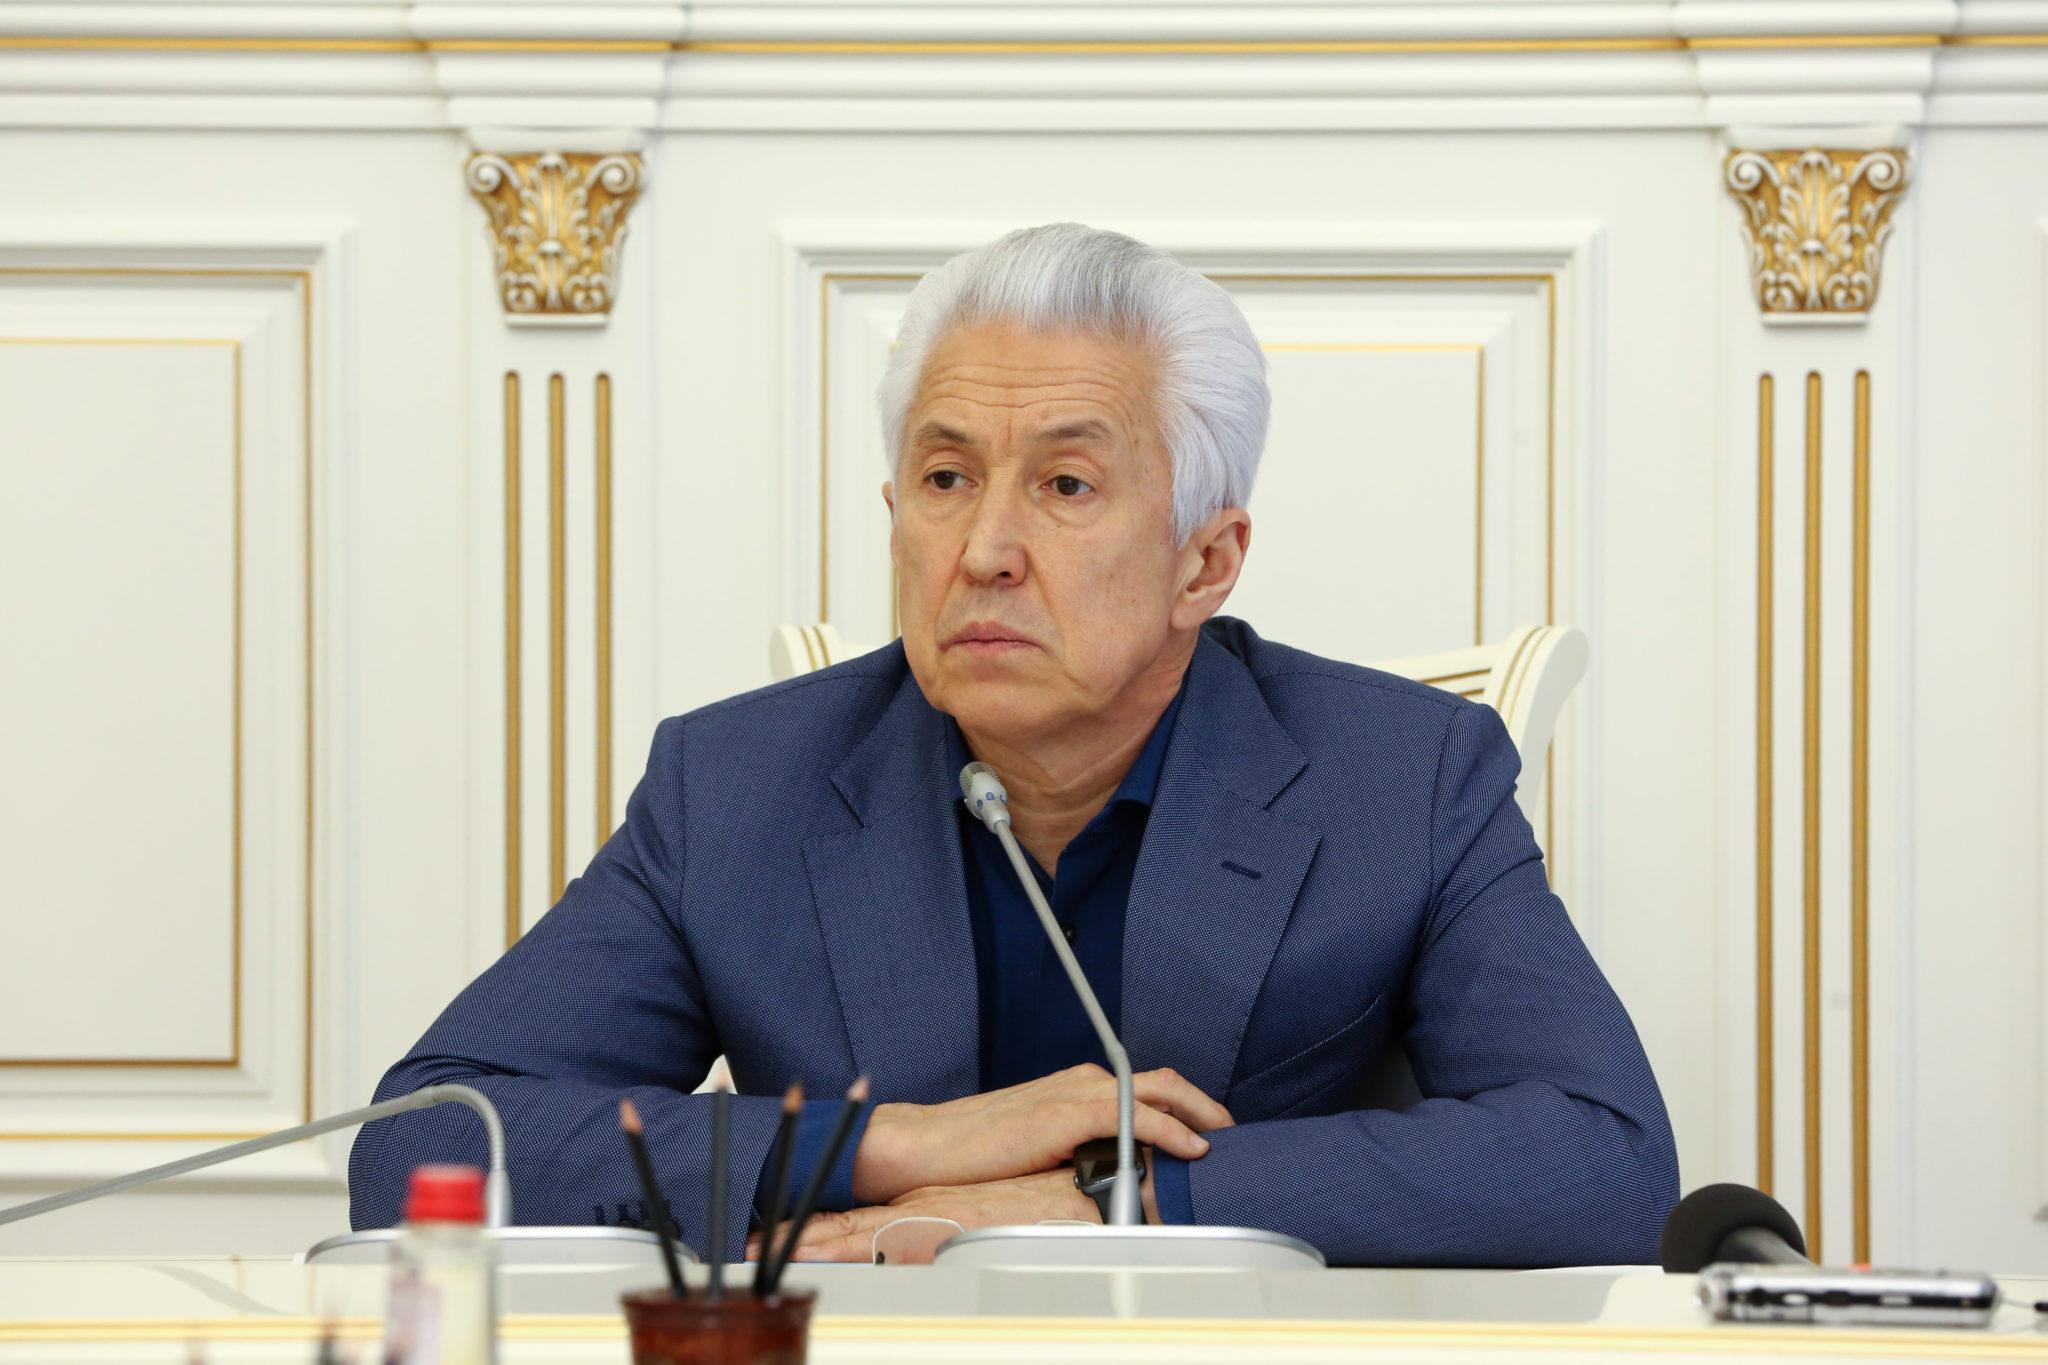 """Владимир Васильев : """"Нужно объединиться, чтобы выборы 18 марта должны пройти прозрачно и честно"""""""